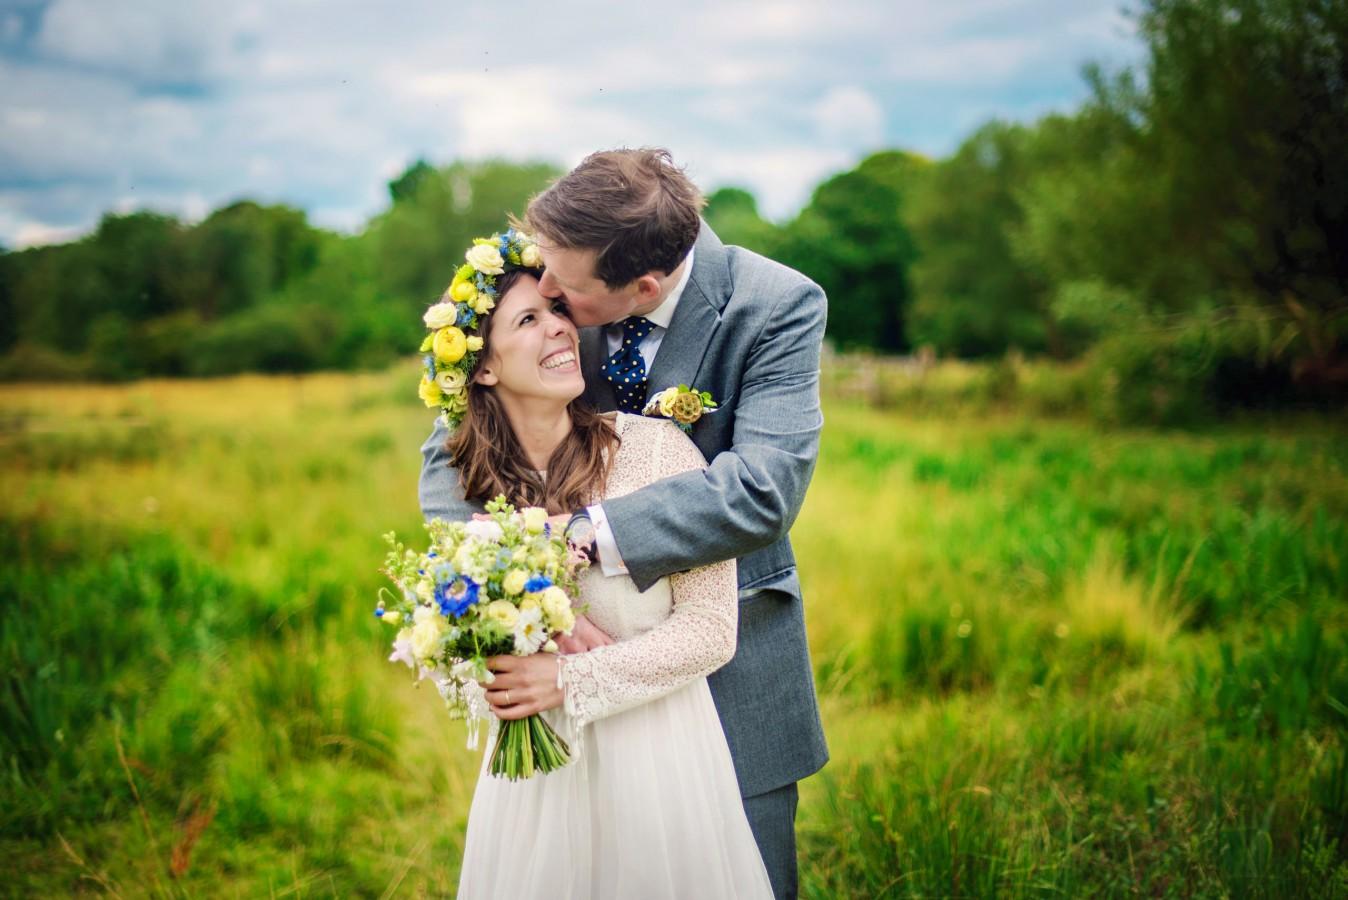 Hampshire Wedding Photographer - GK Photography-160